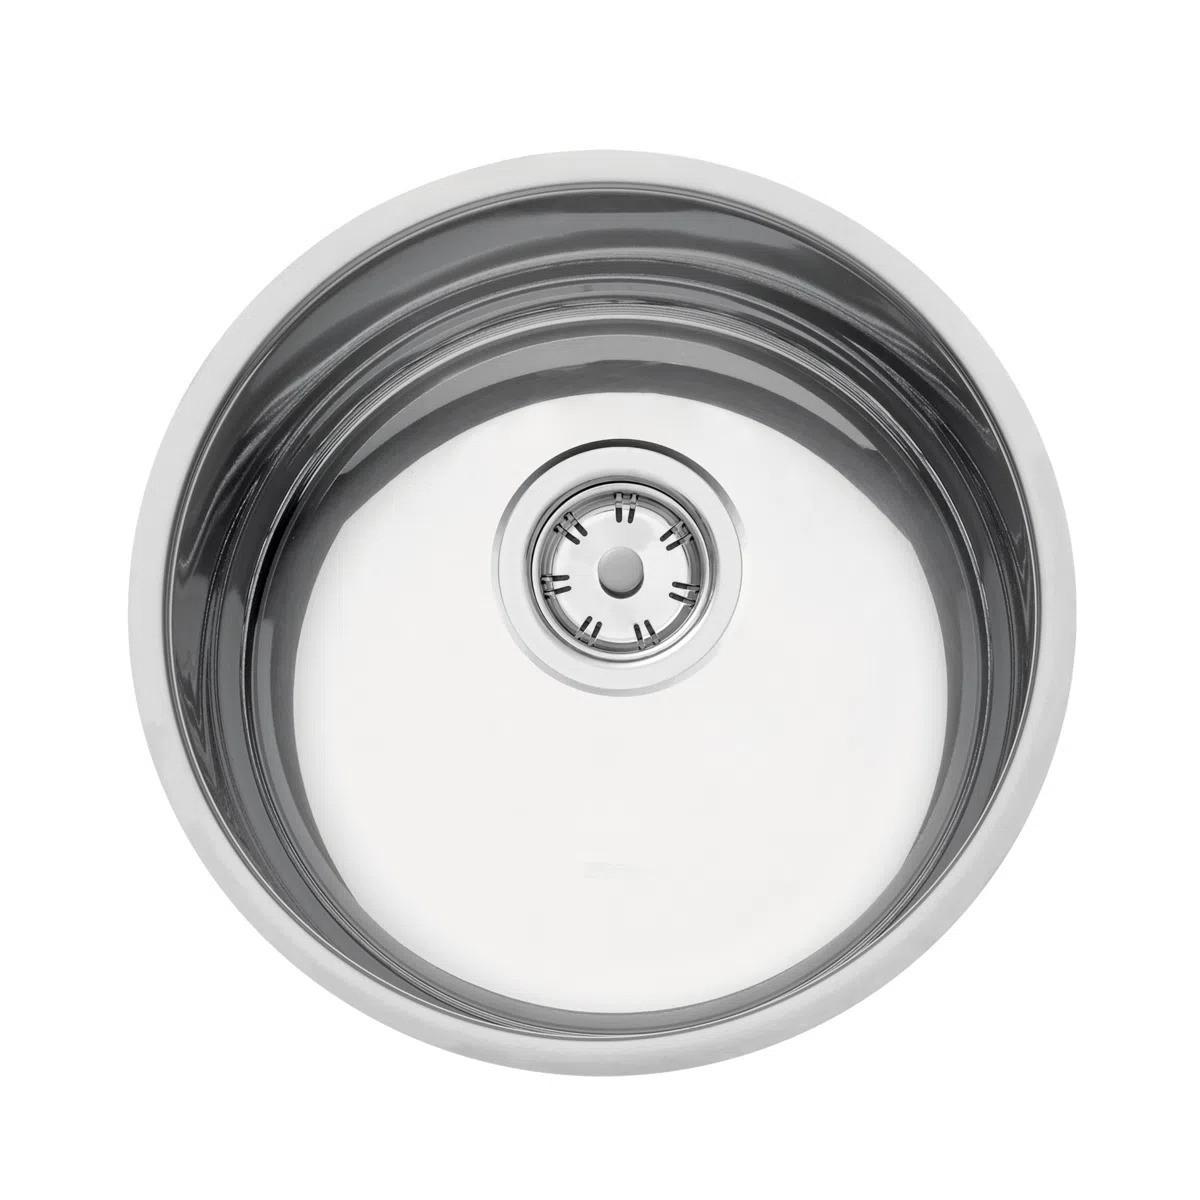 Cuba de embutir Tramontina Luna 30 BL em Aço Inox Polido 30 cm  - DOTEC SHOP